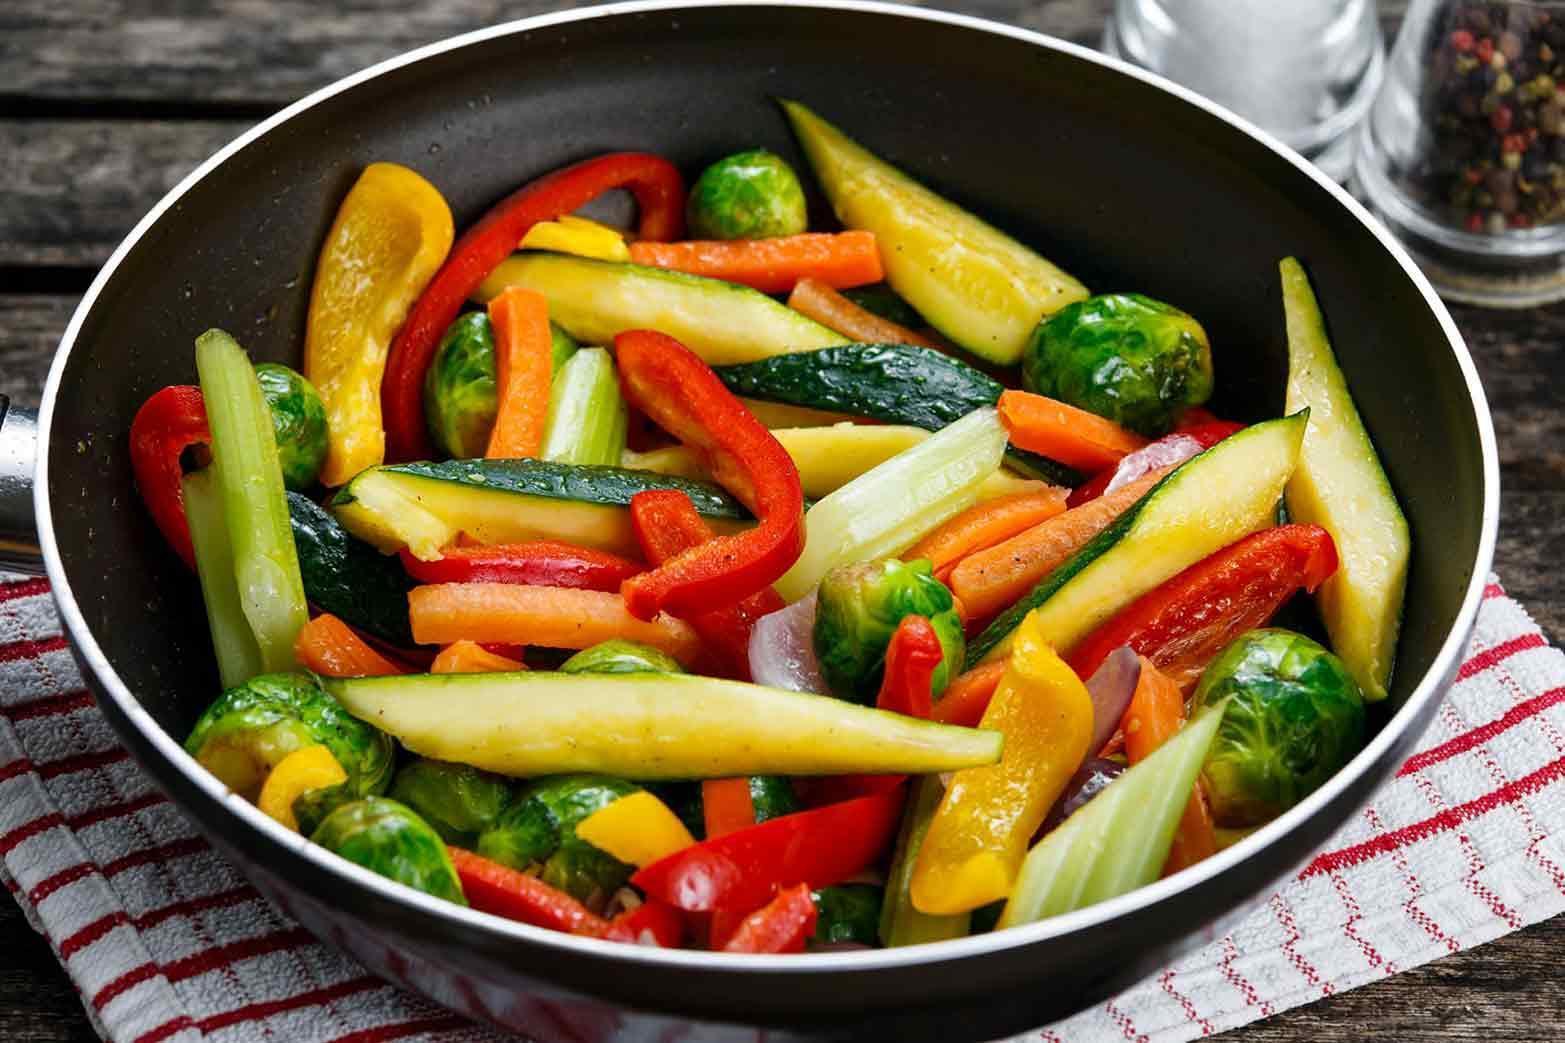 Légumes rôtis cuits dans une poêle sur table en bois.